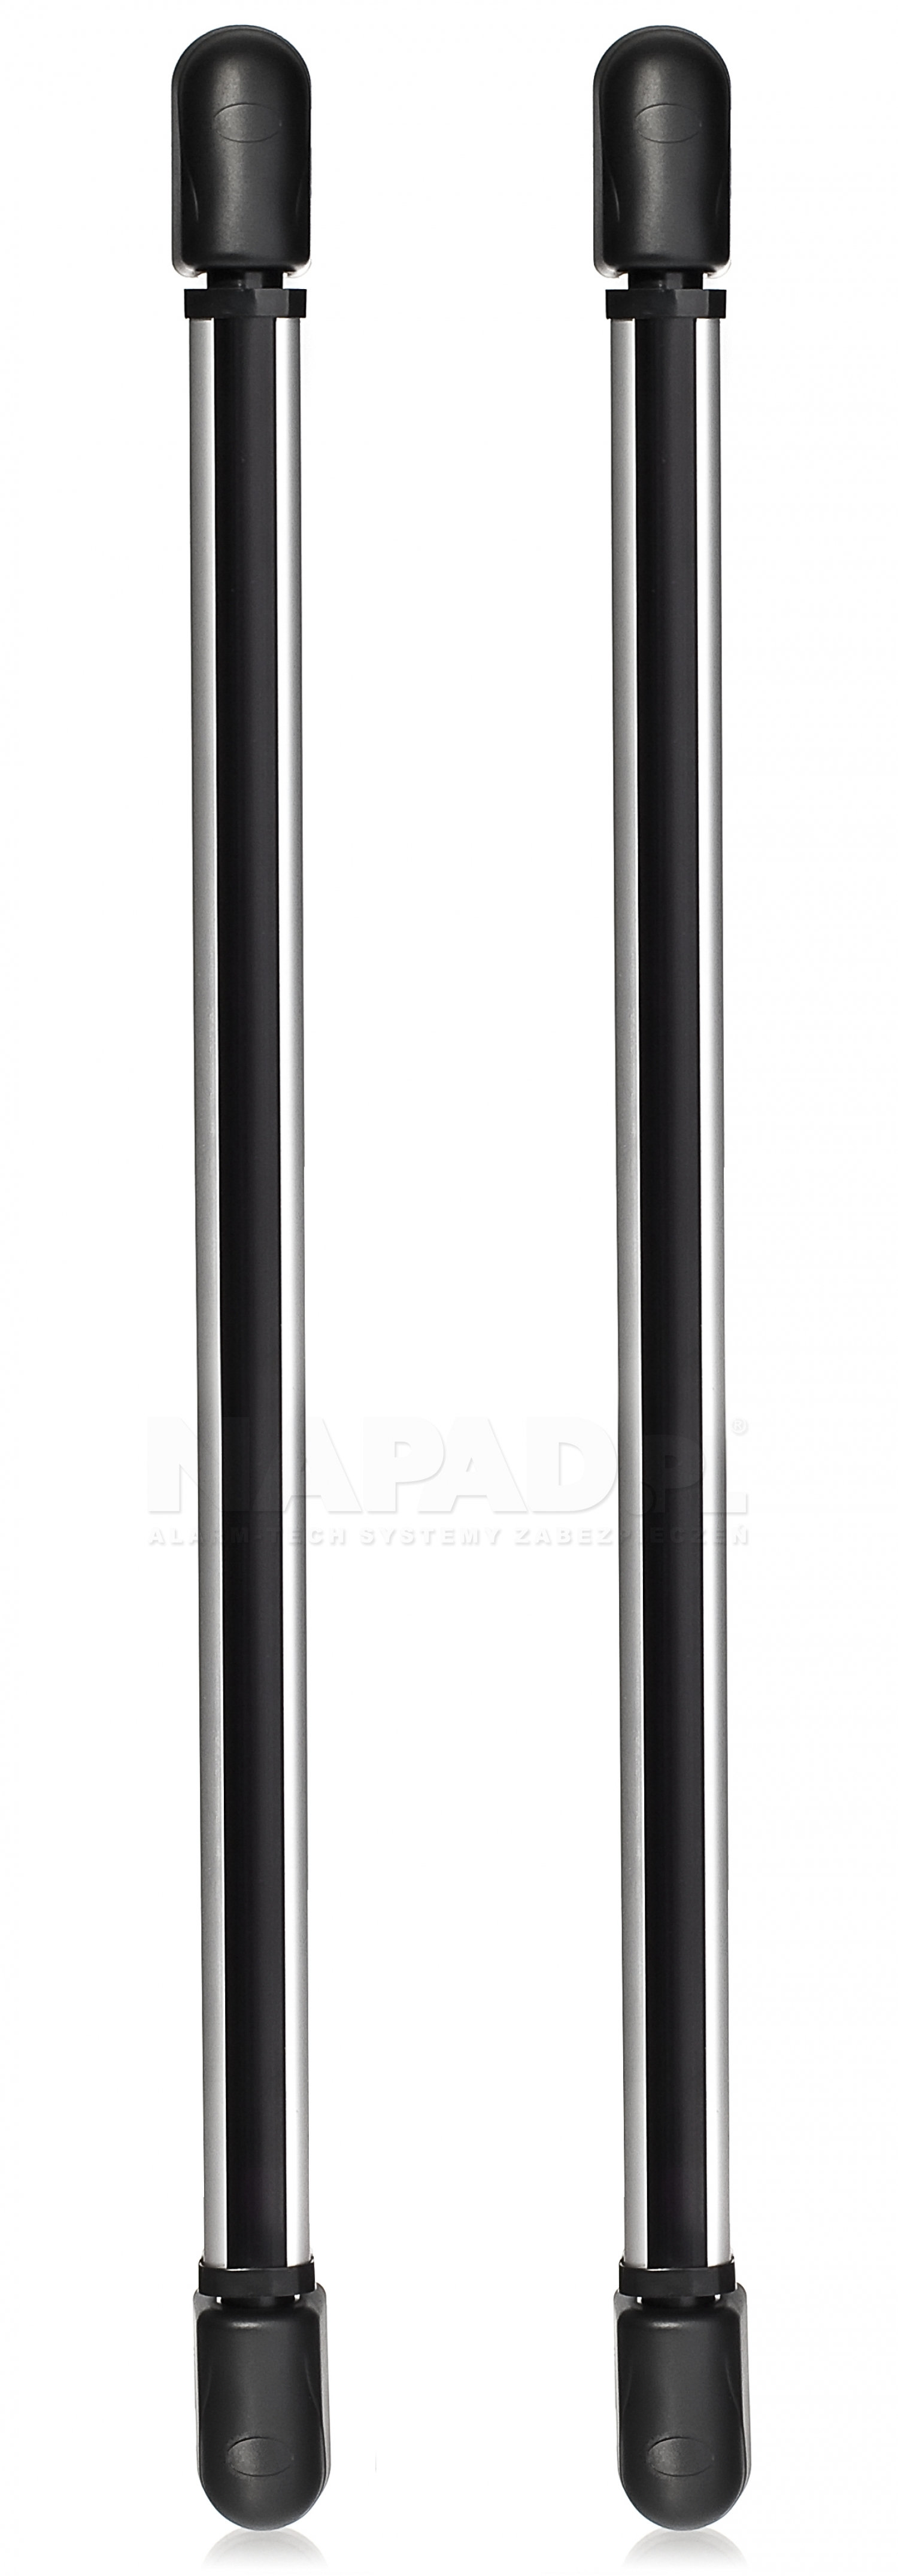 Bariera podczerwieni ABX-F0640